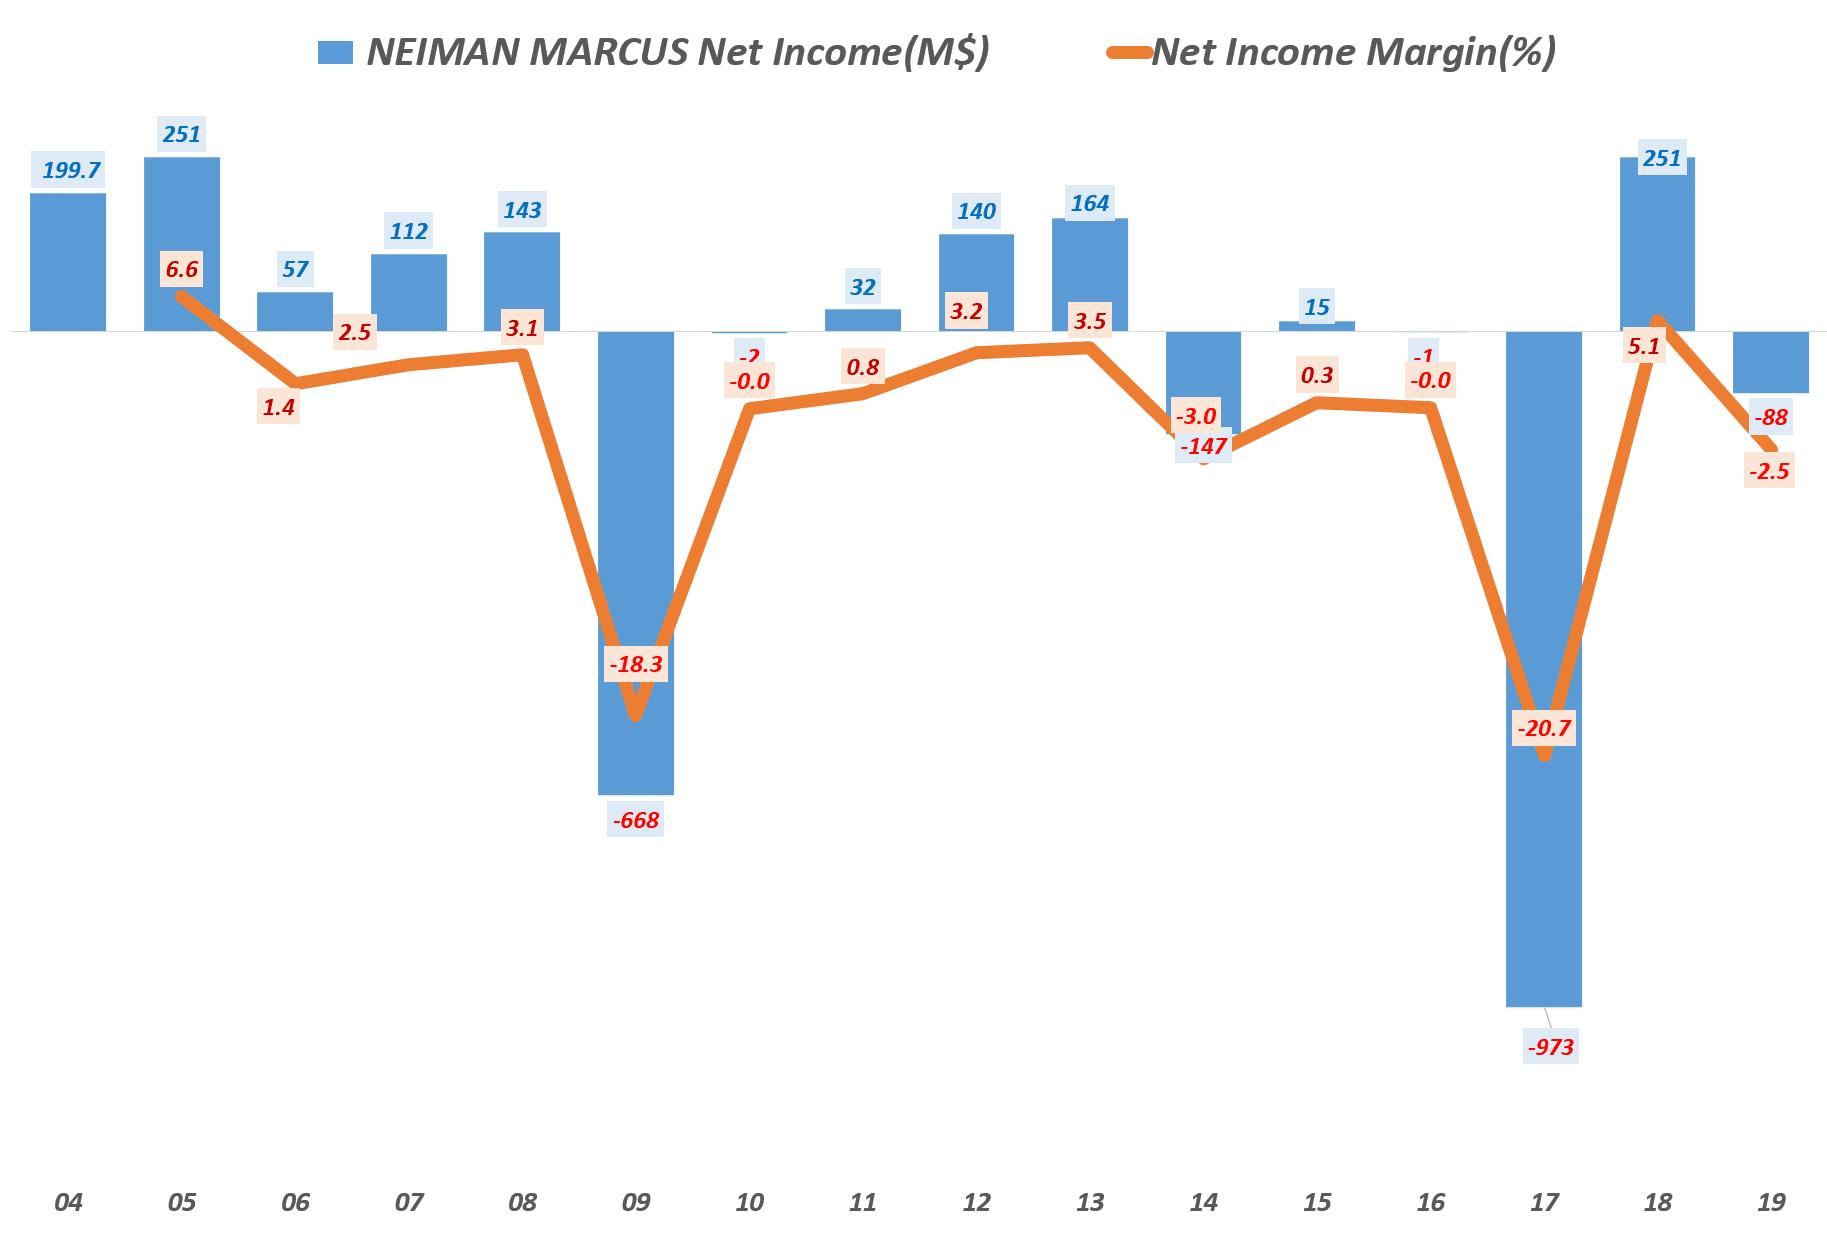 미국 럭셔리 백화점 니만 마커스의 연도별 순이익 및 순이익률 추이, Net income of Neiman Marcus, Graph by Happist